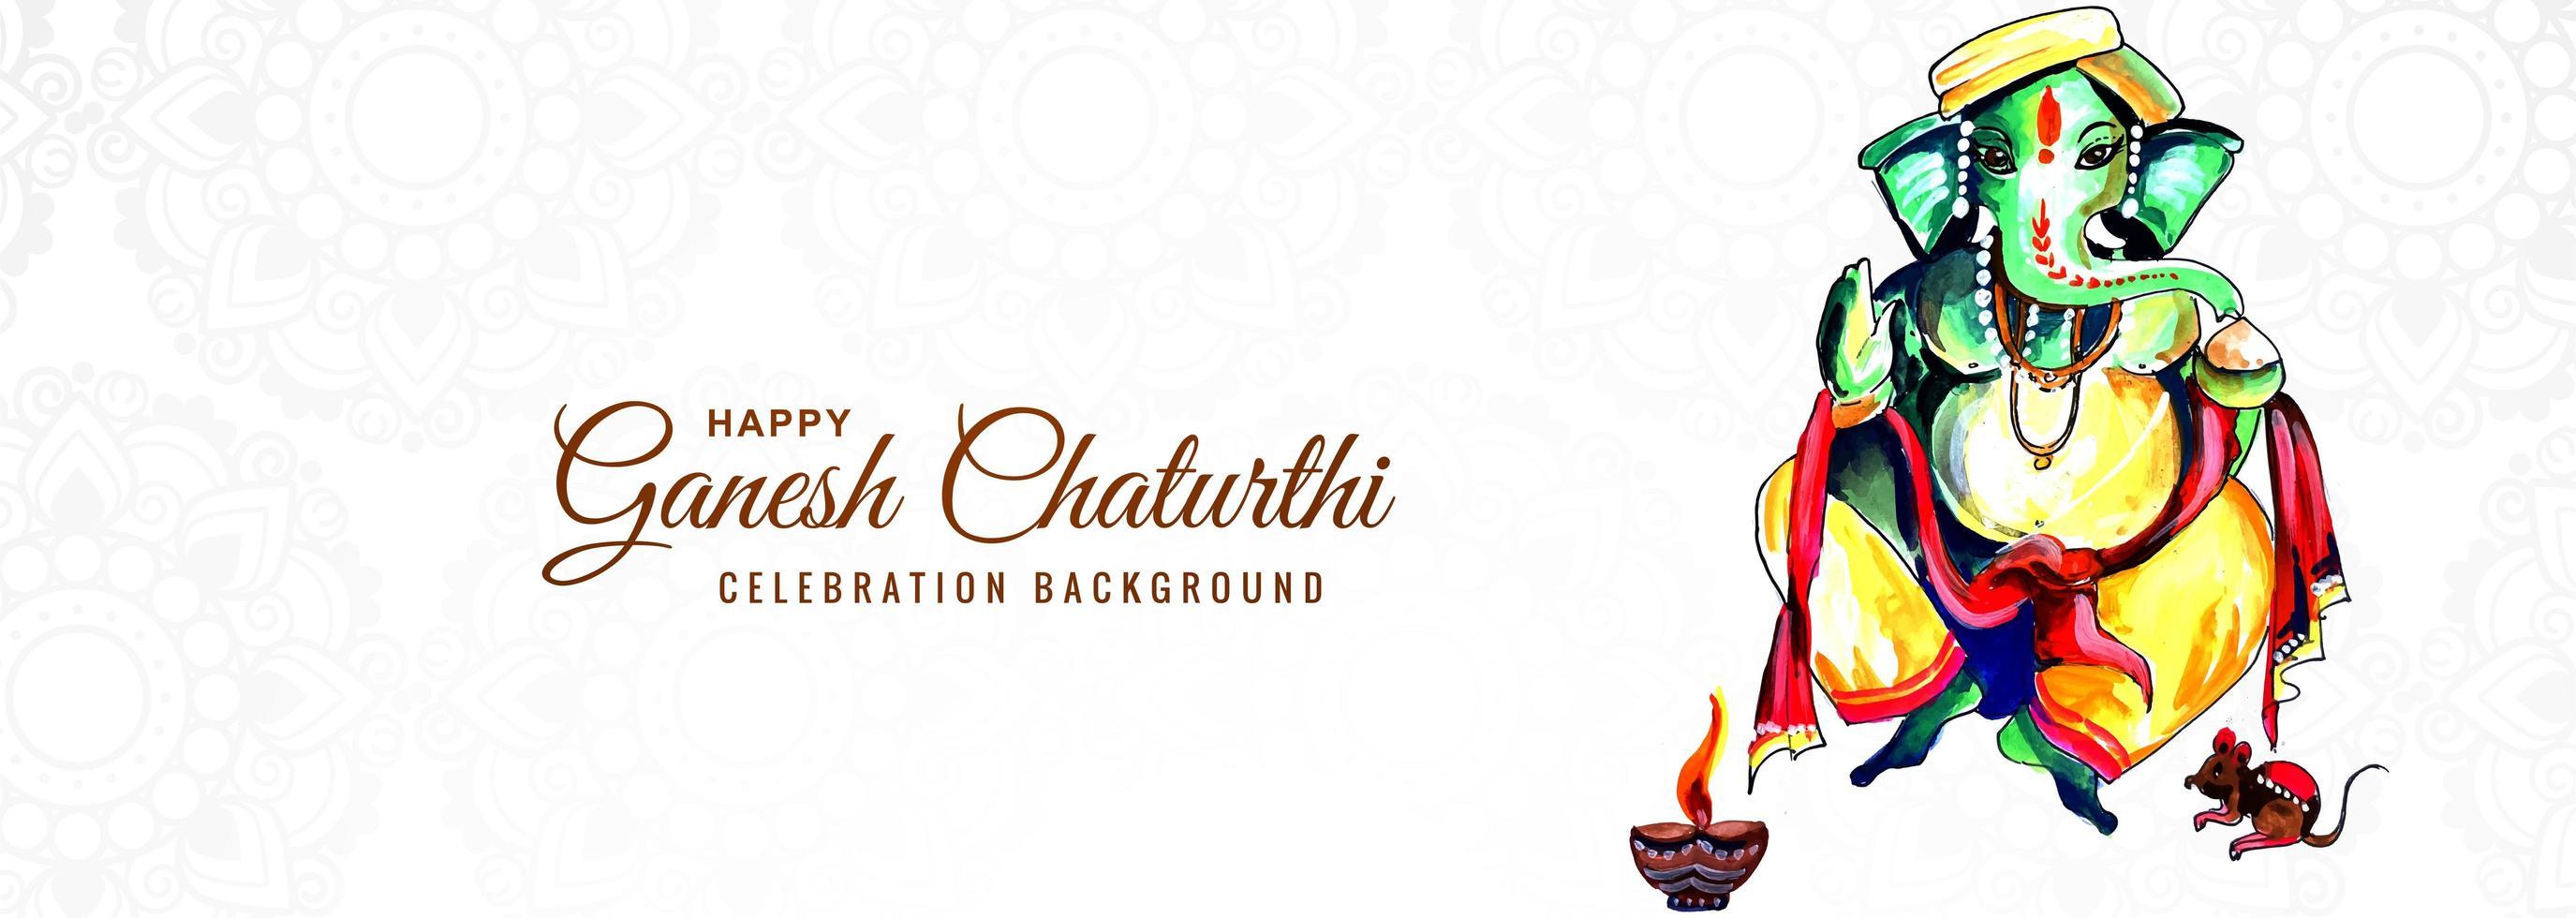 oração ao senhor ganesha pelo banner ganesh chaturthi vetor